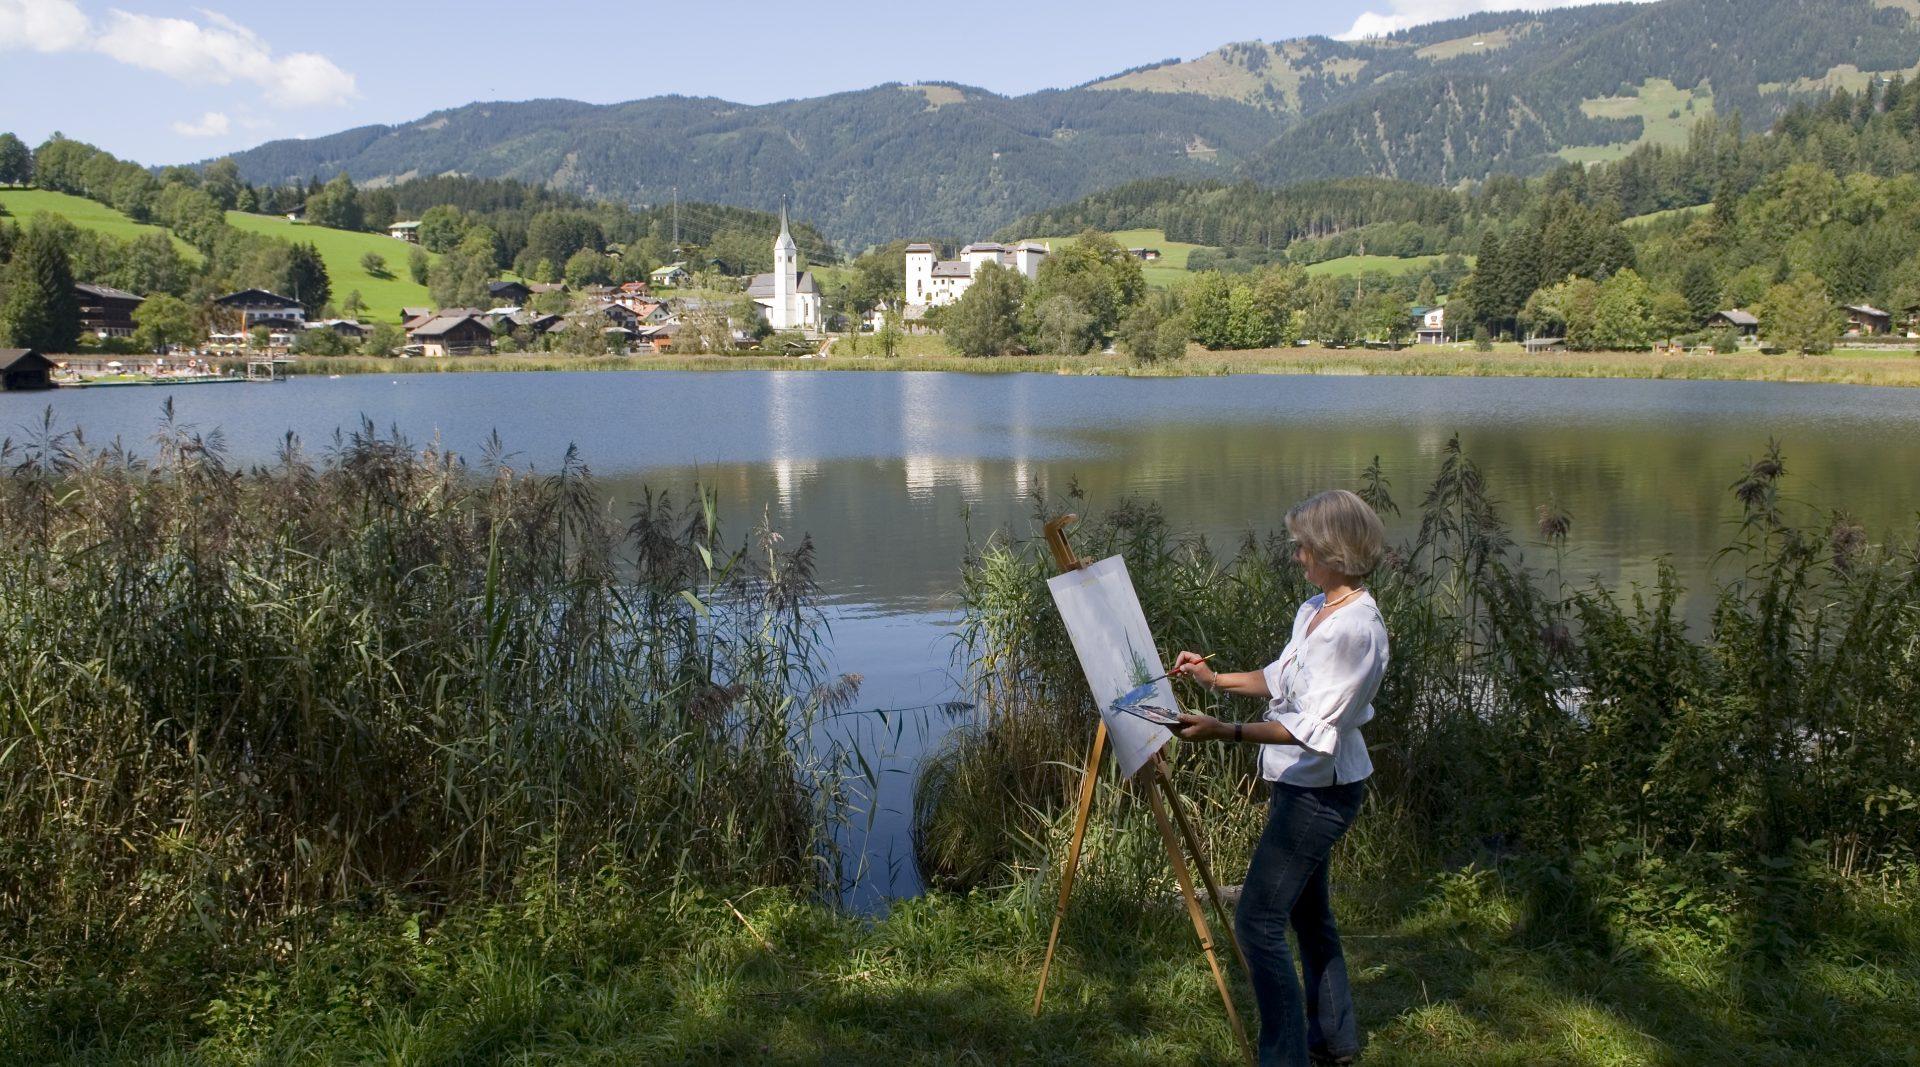 Eine Frau steht am Moorsee und malt